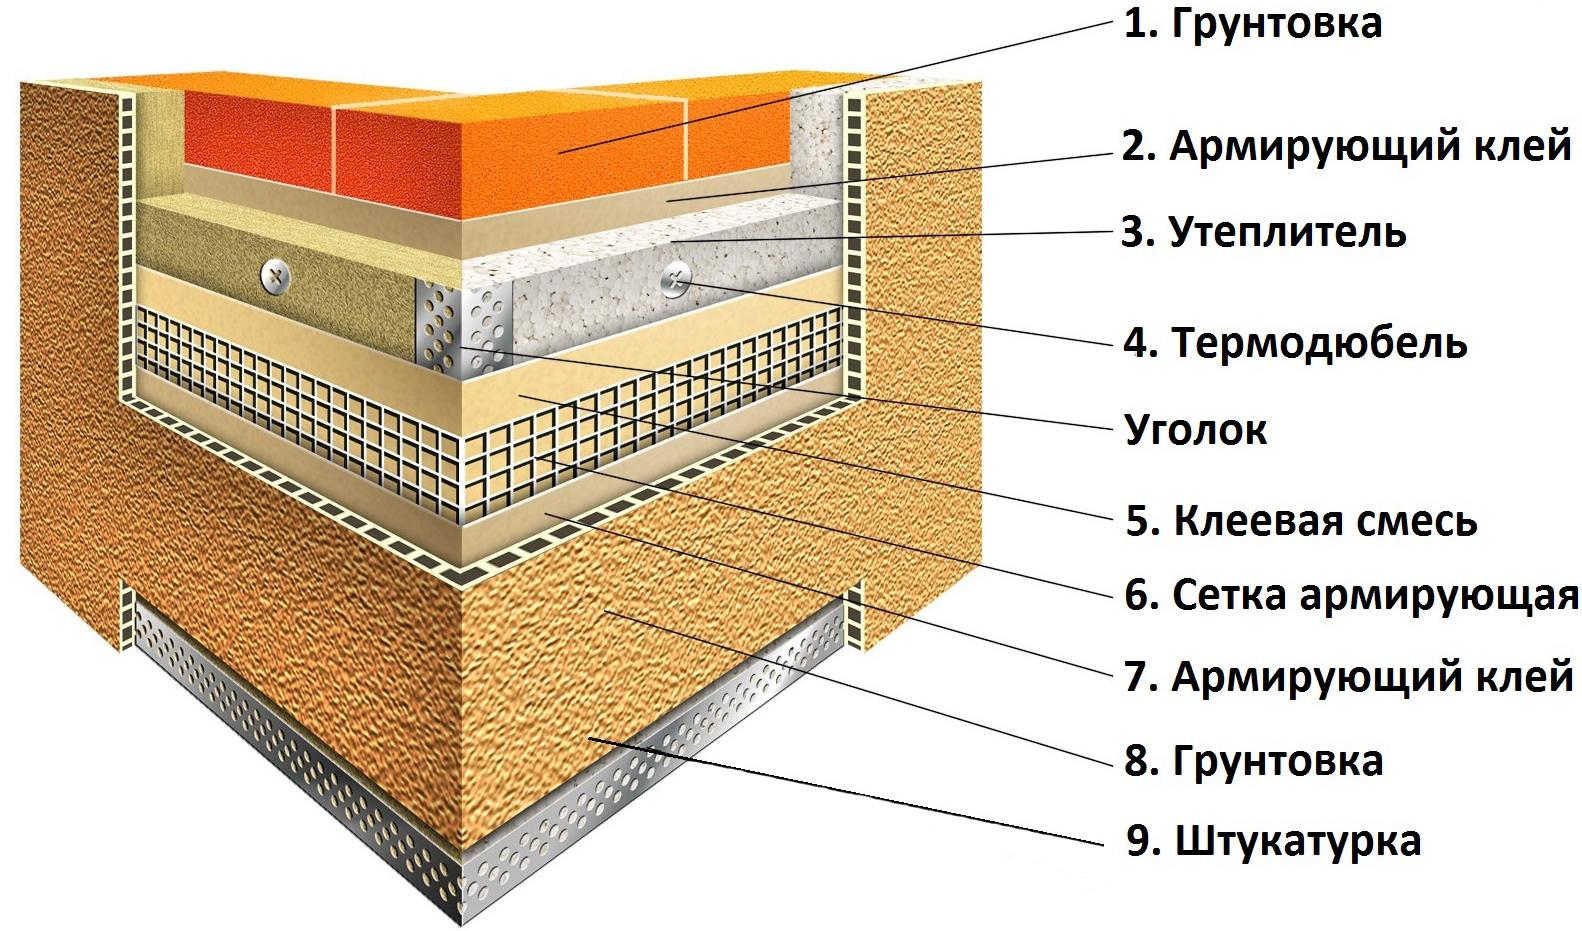 что нужно для утепления стен пенопластом